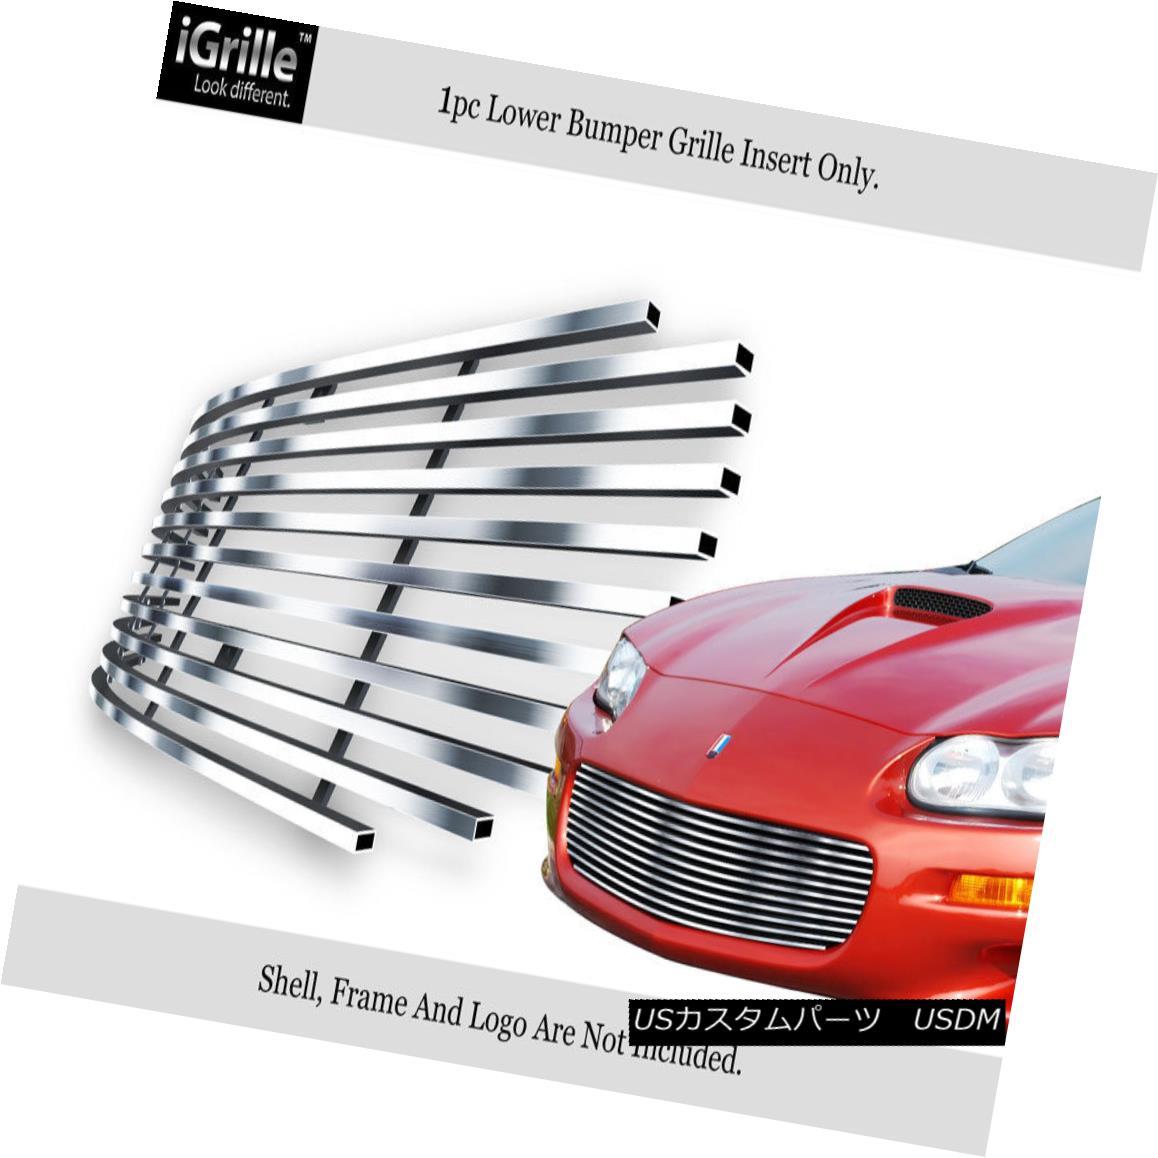 グリル Fits 1998-2003 Chevy Camaro/Camaro SS Stainless Steel Billet Grille Insert フィット1998-2003シボレーカマロ/カマロSSステンレス鋼ビレットグリルインサート